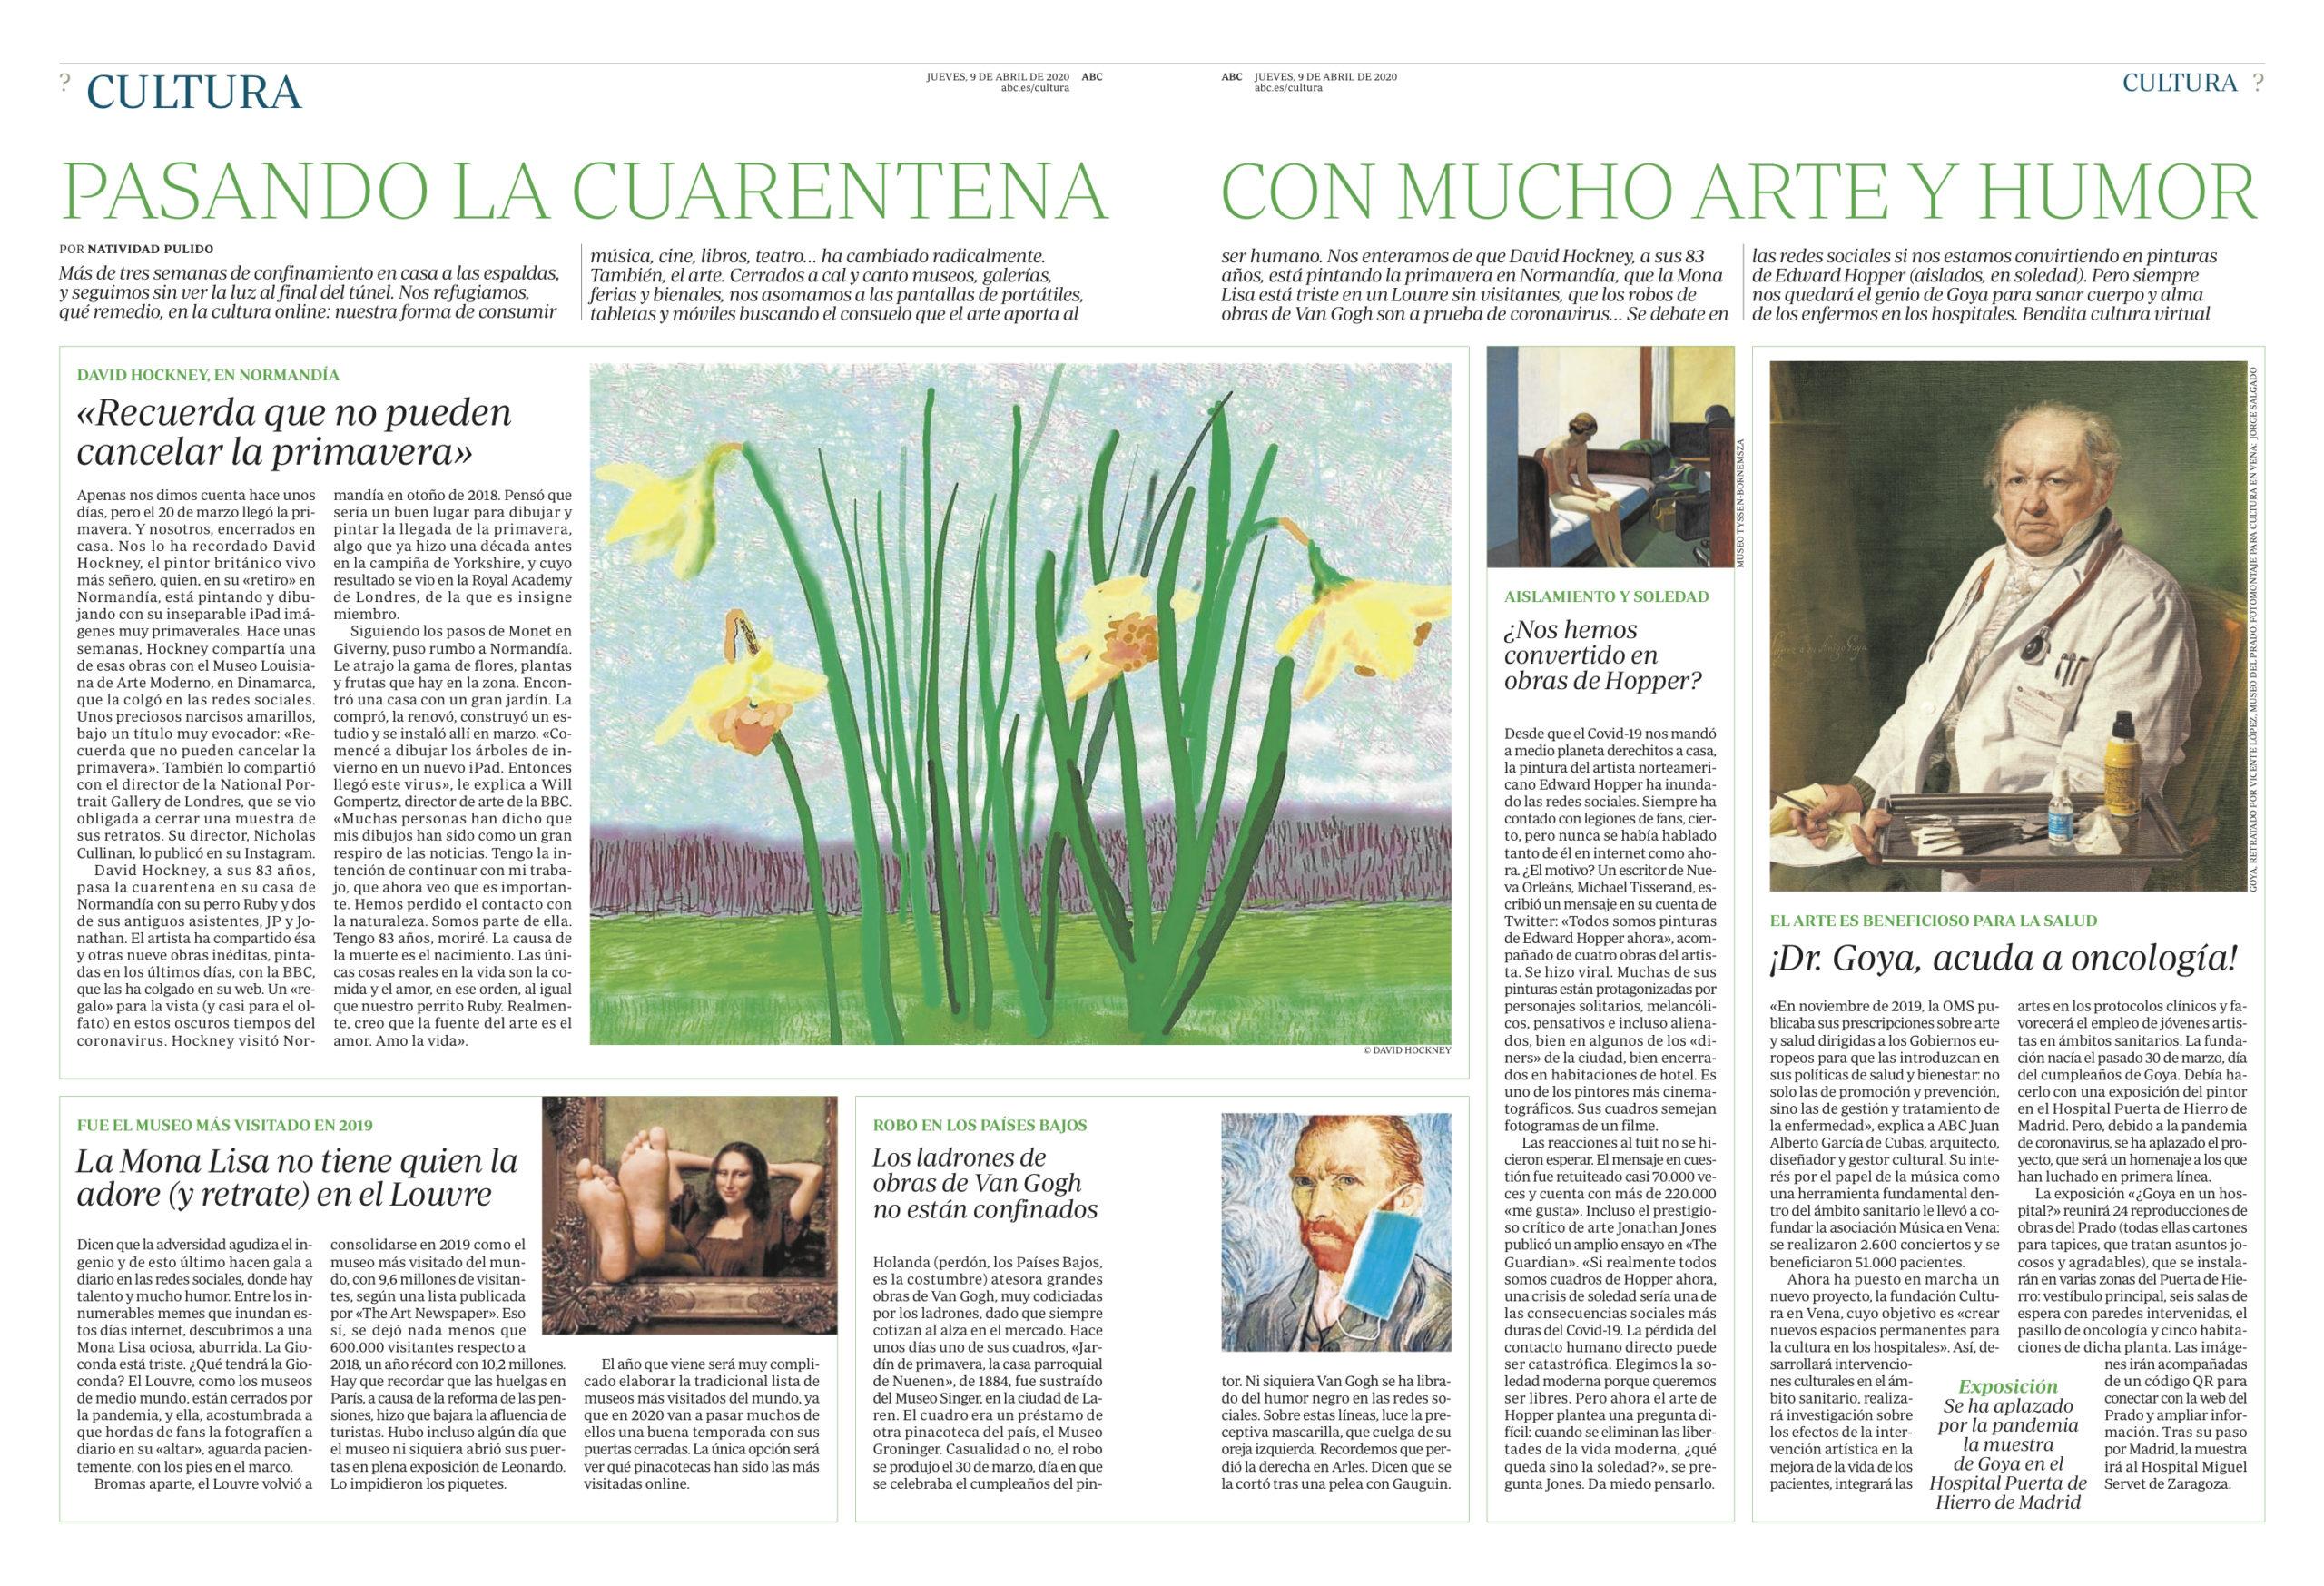 Cultura en Vena_Diario ABC_Goya en un hospital_Arte_Salud